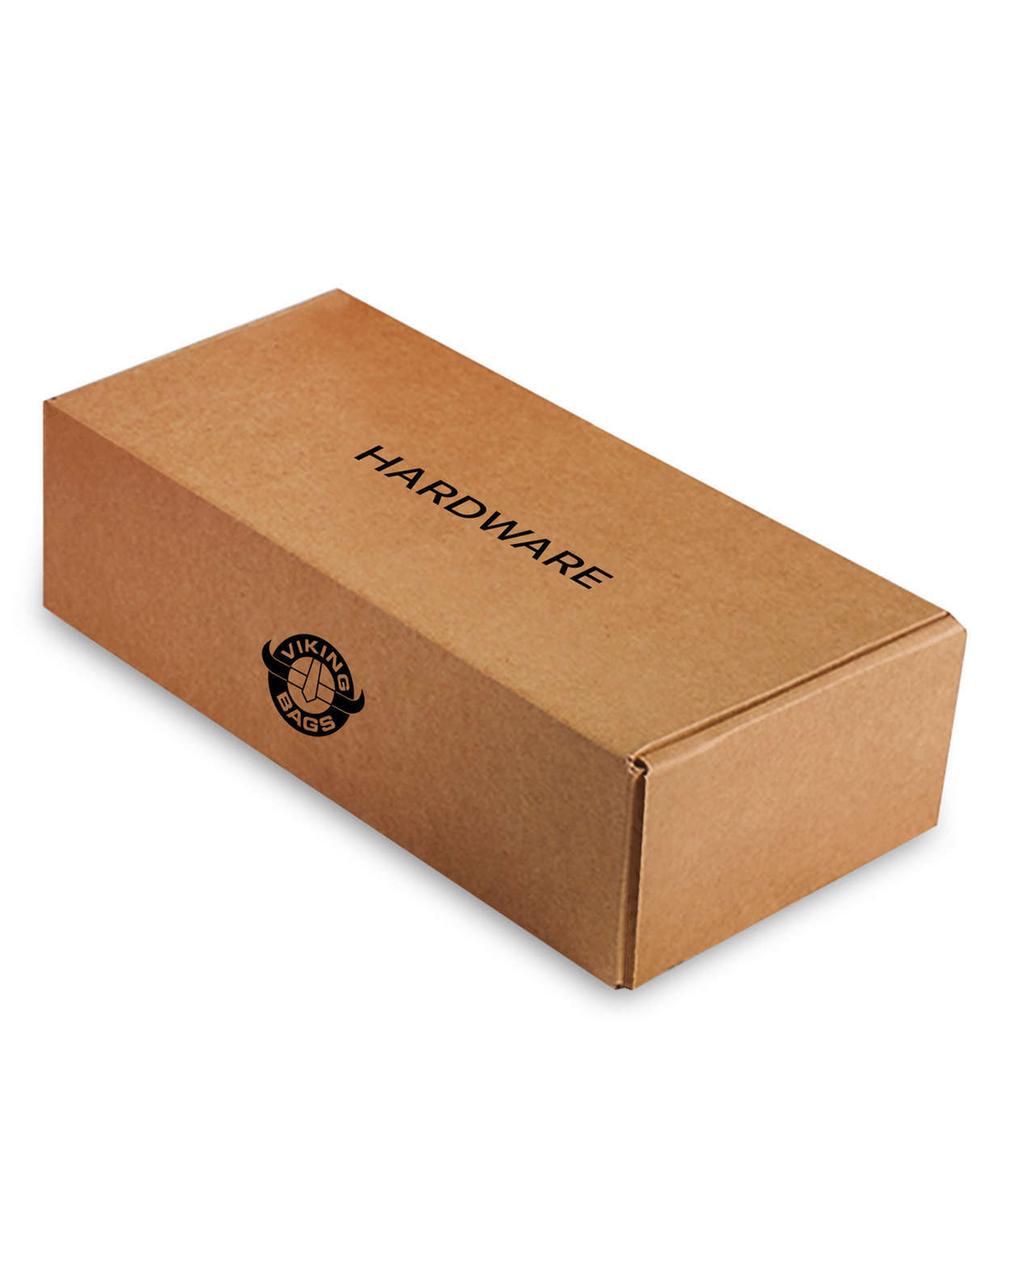 Triumph Thunderbird Slanted Single Strap Large Studded Motorcycle Saddlebags Box